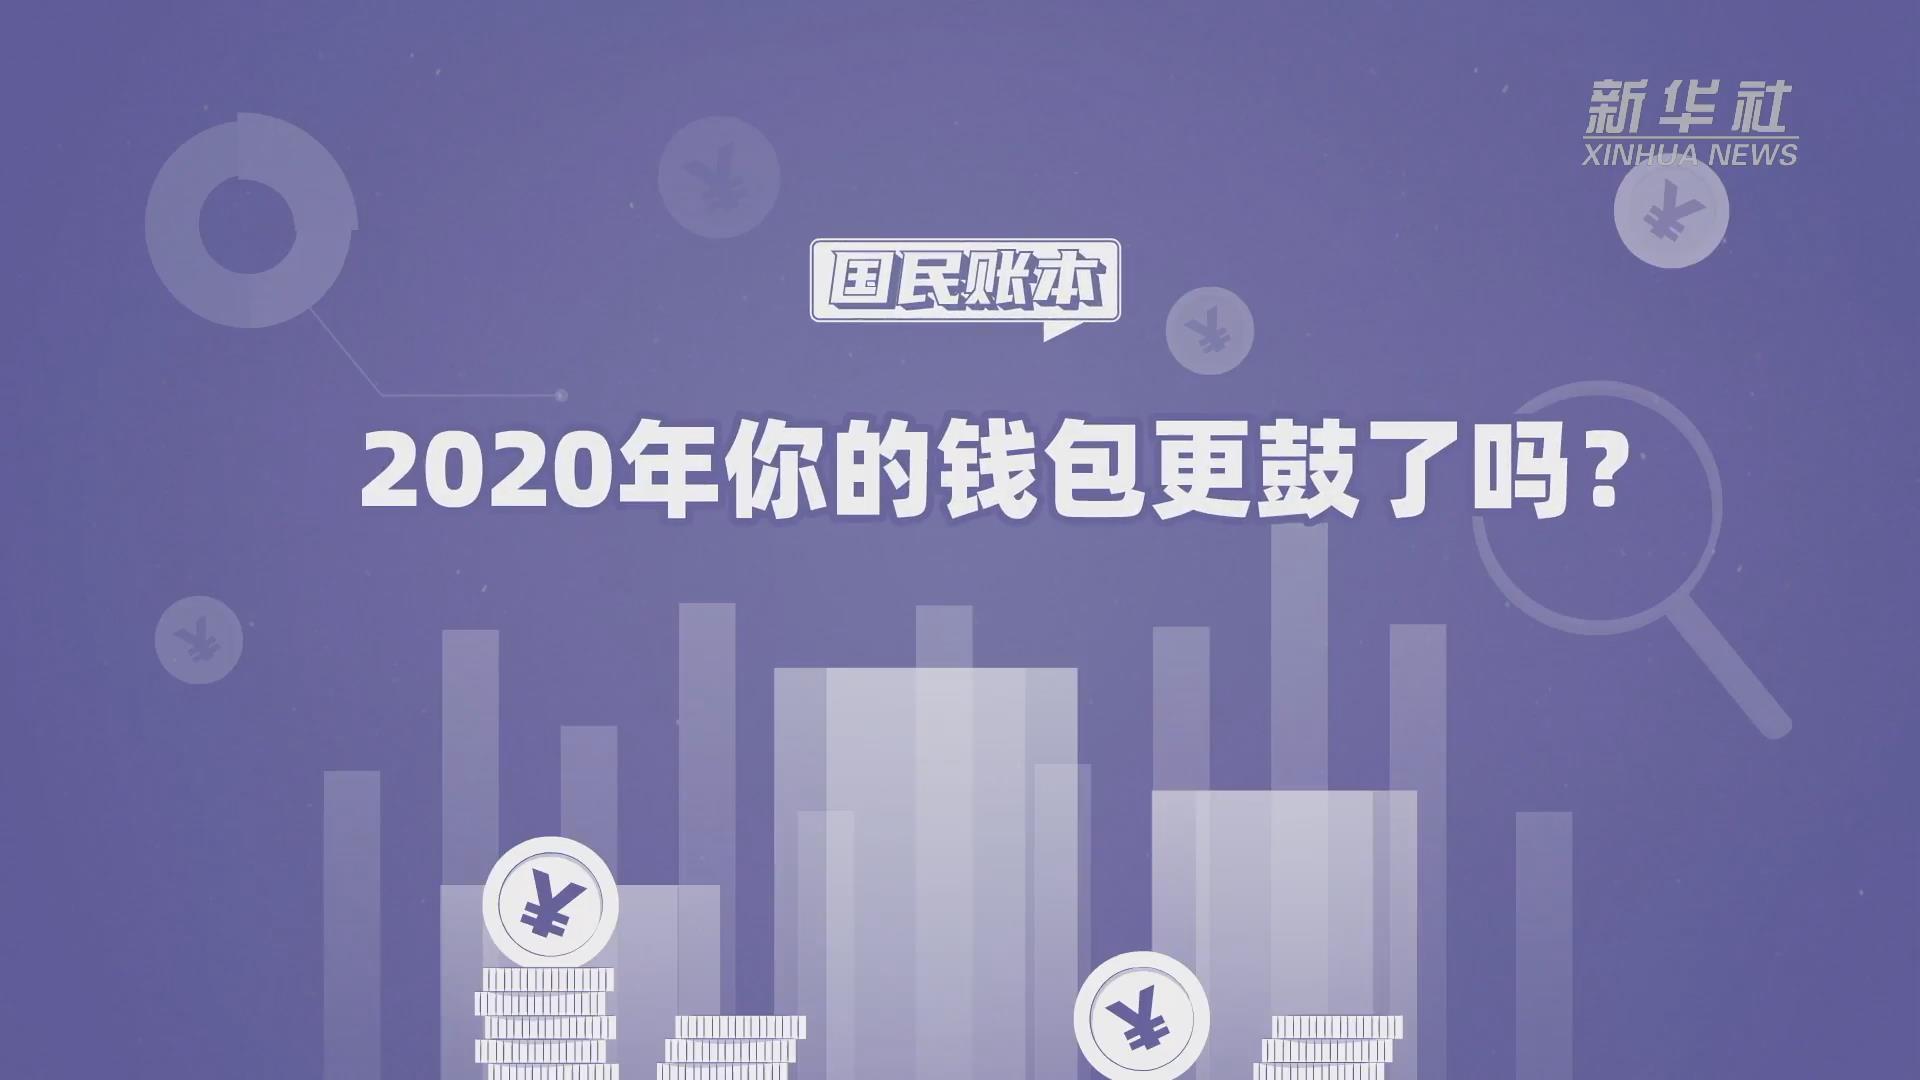 2020年你的錢包更鼓了嗎